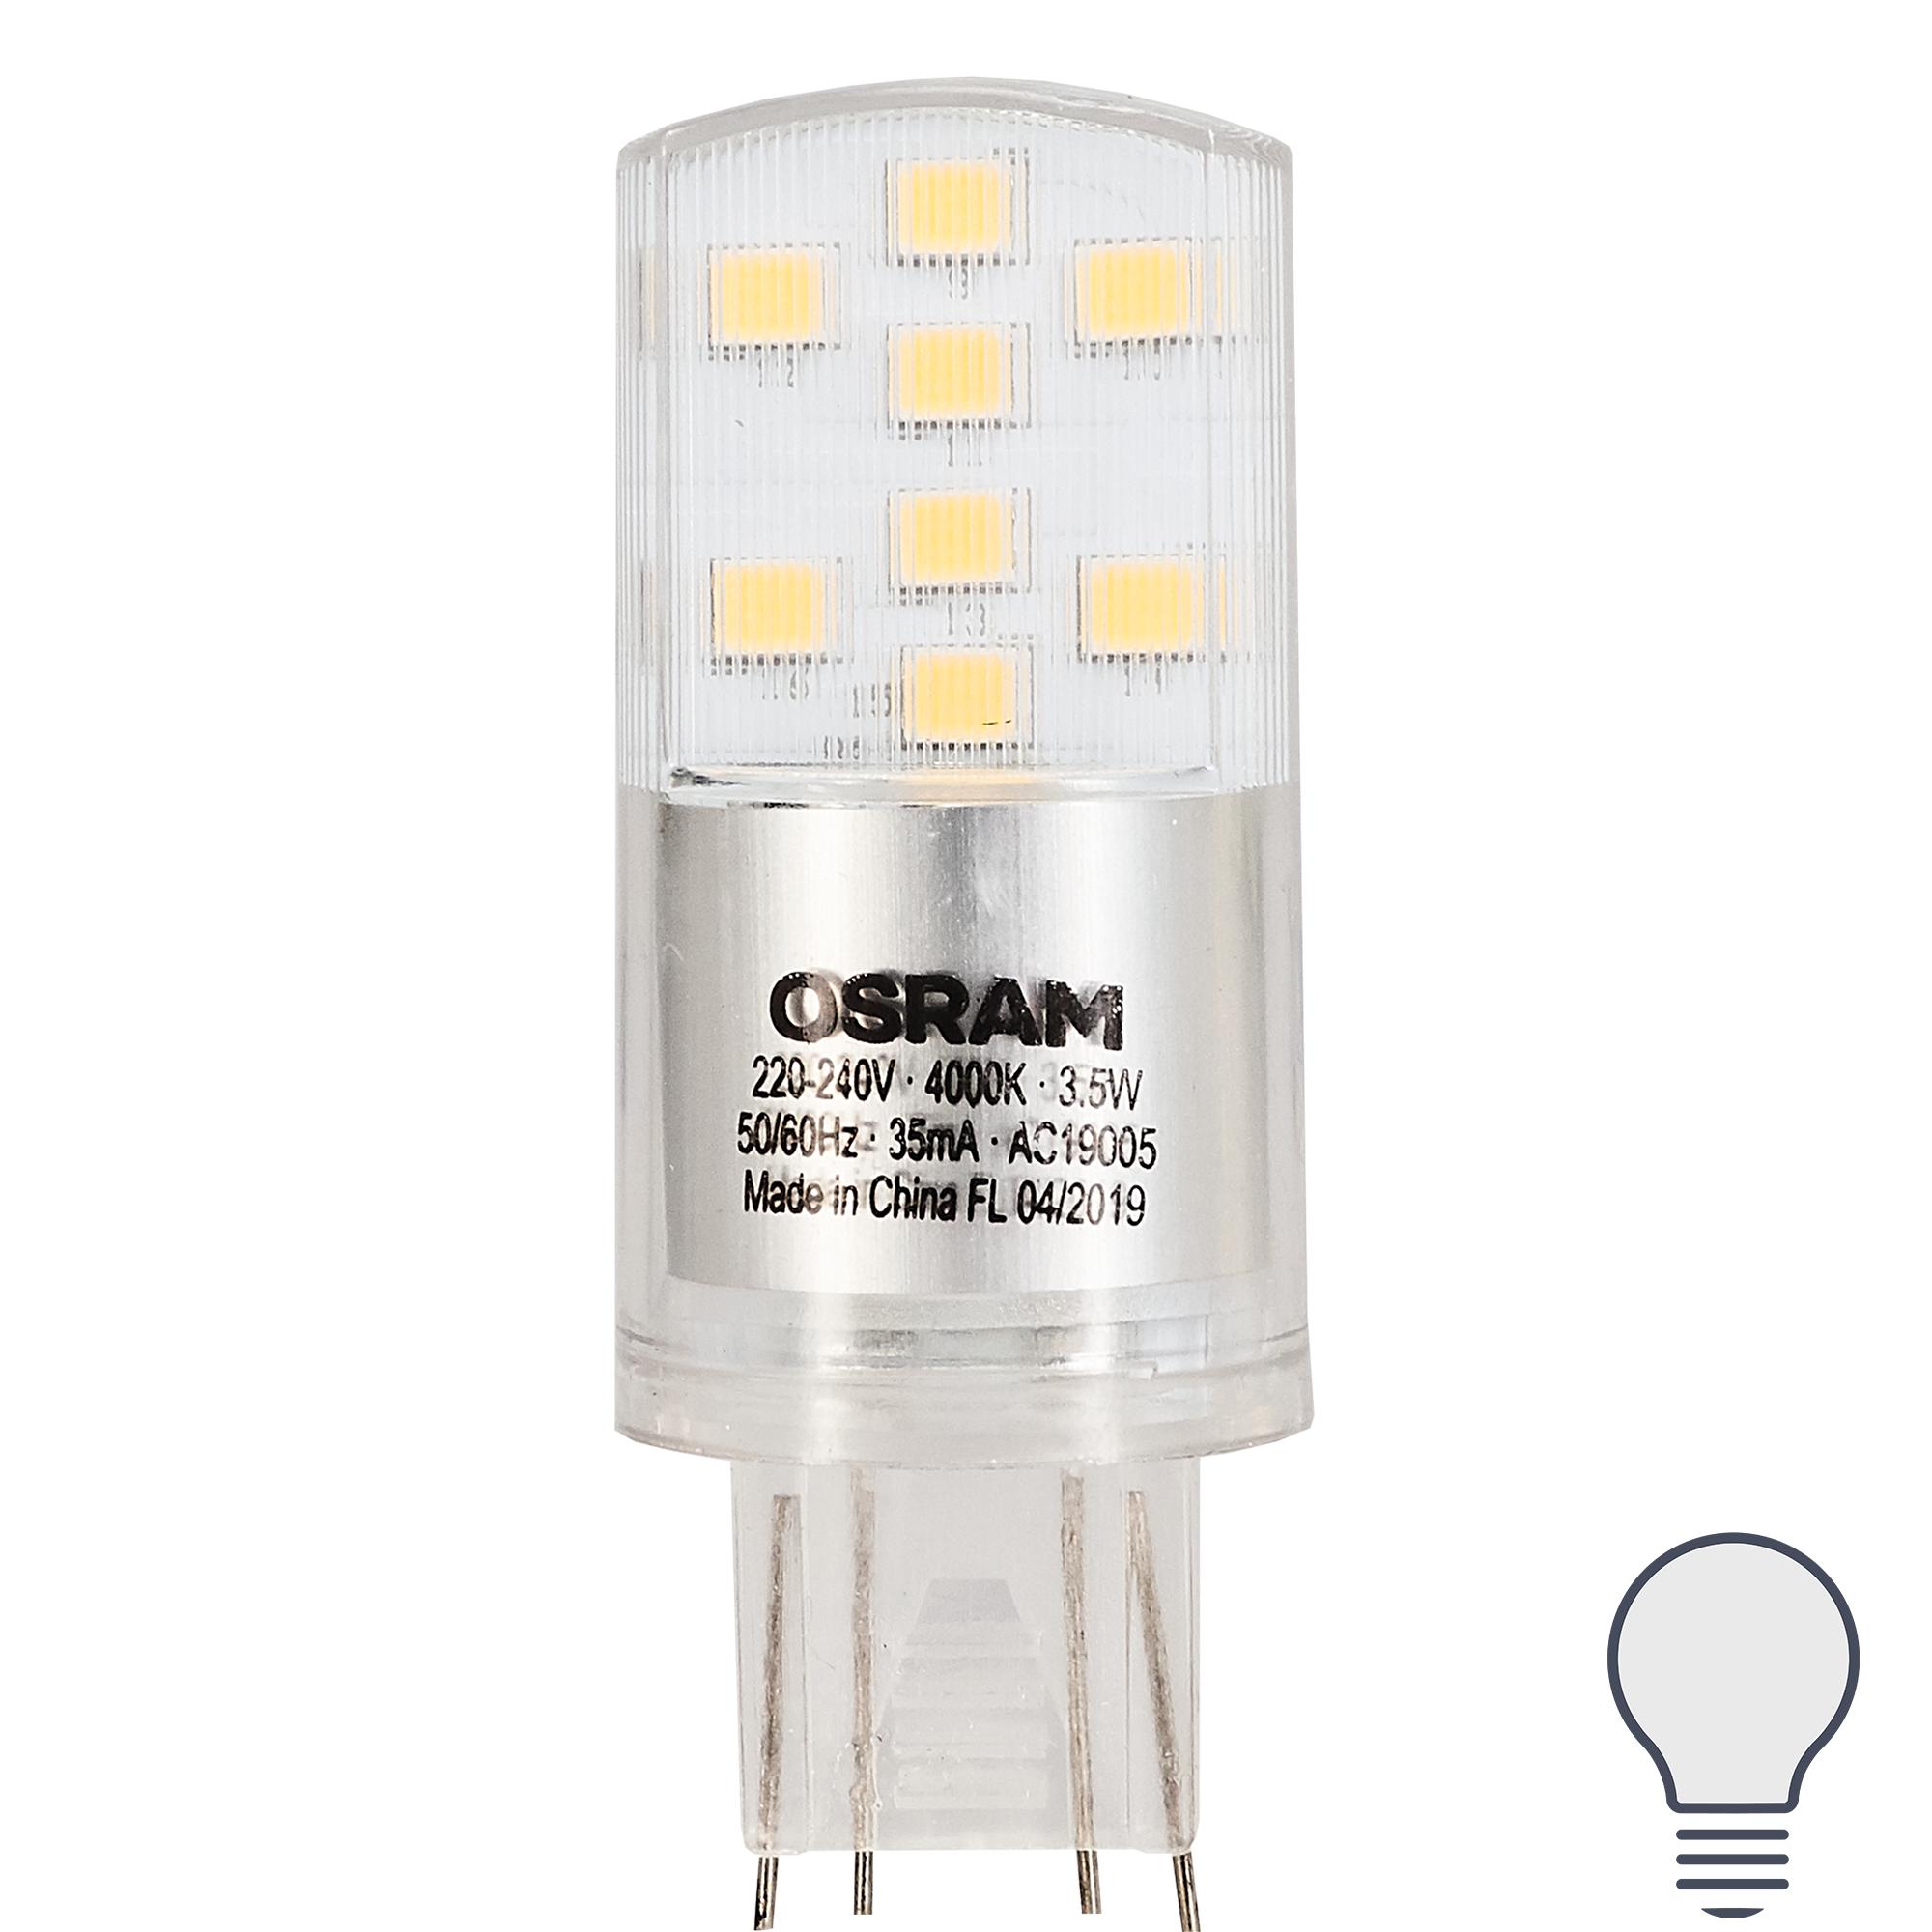 Лампа светодиодная Osram G9 3.5 Вт капсула прозрачная 400 лм нейтральный белый свет